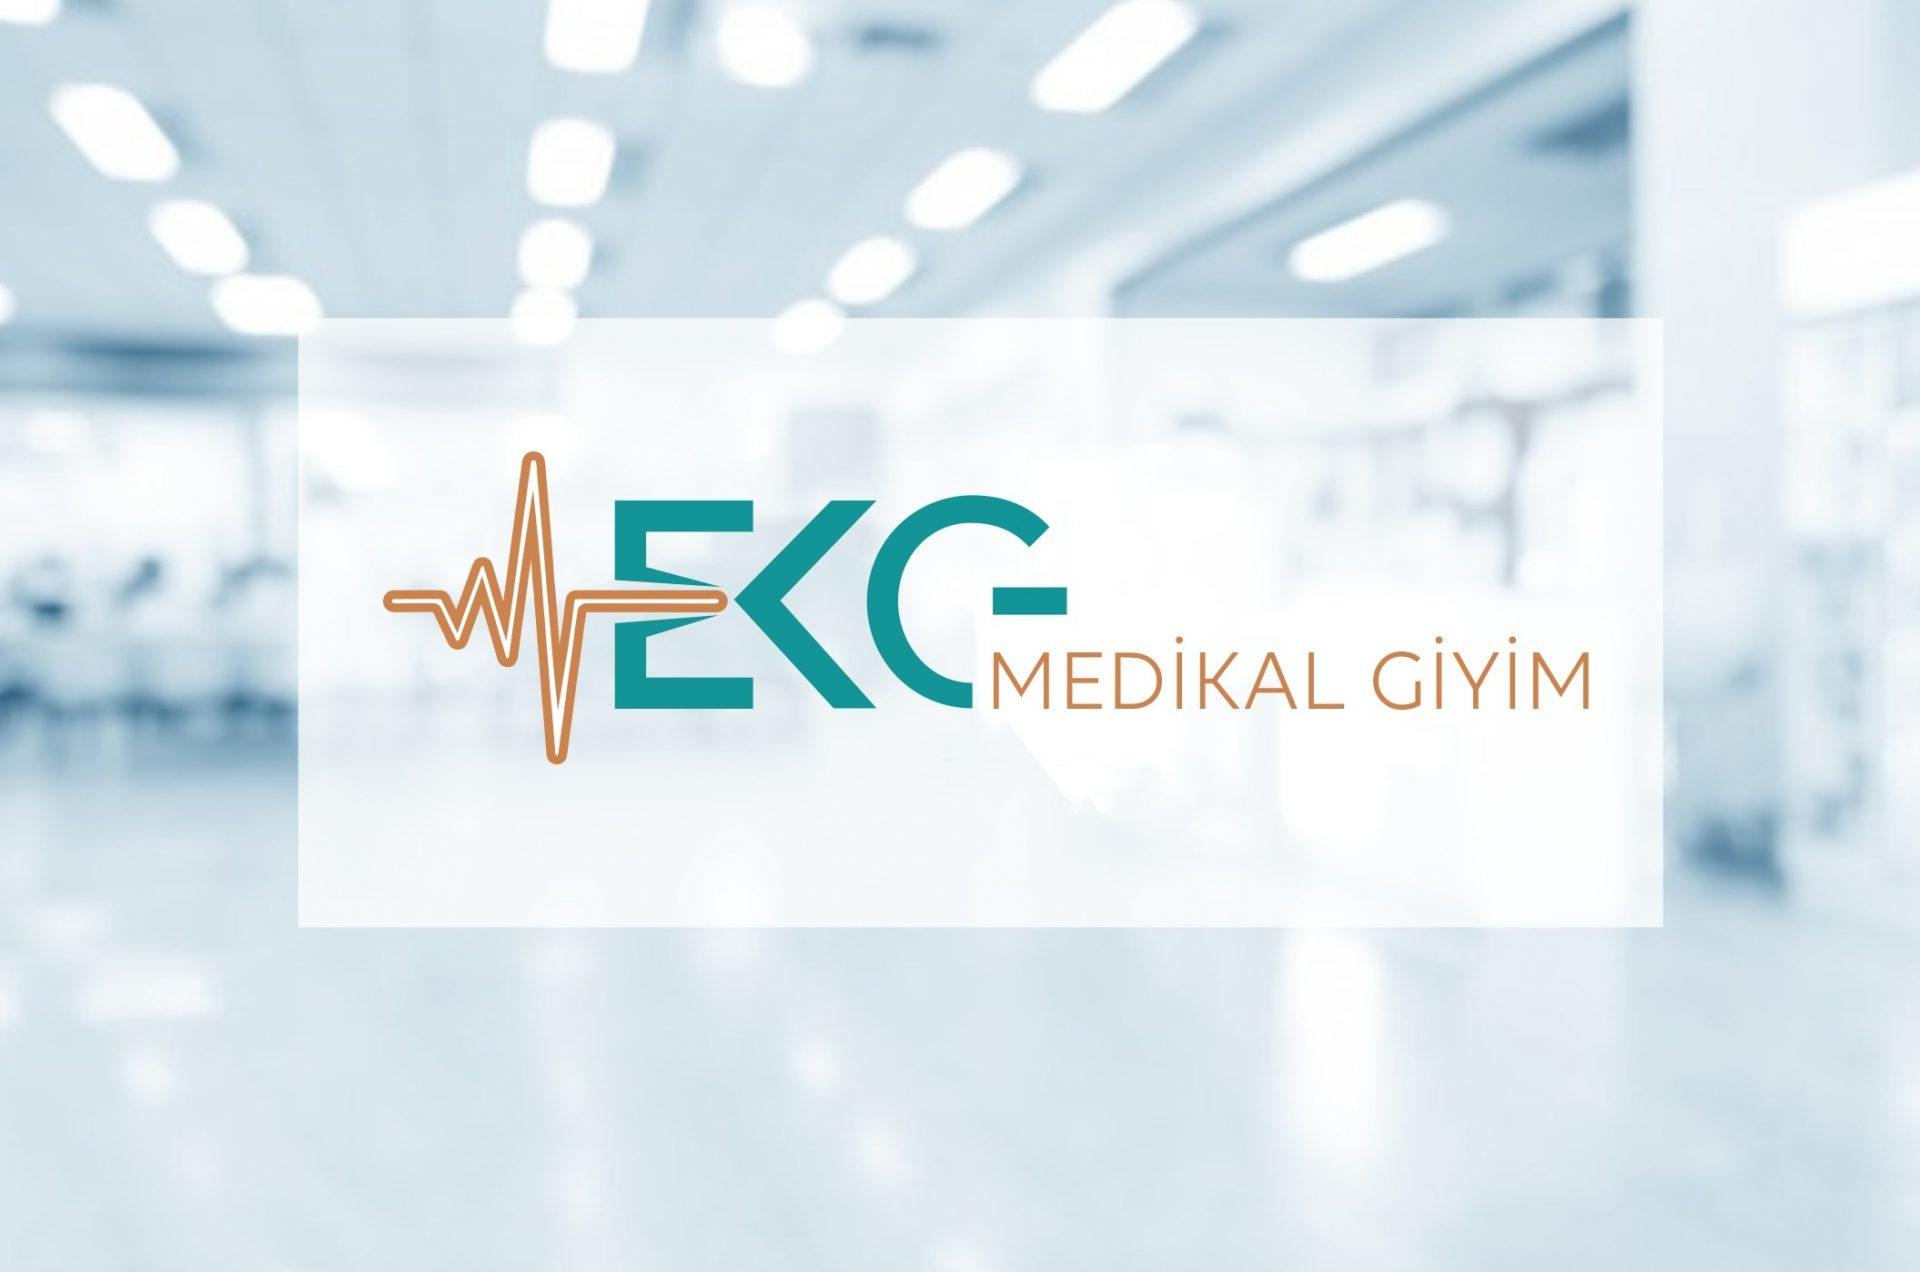 medikal sağlık logosu